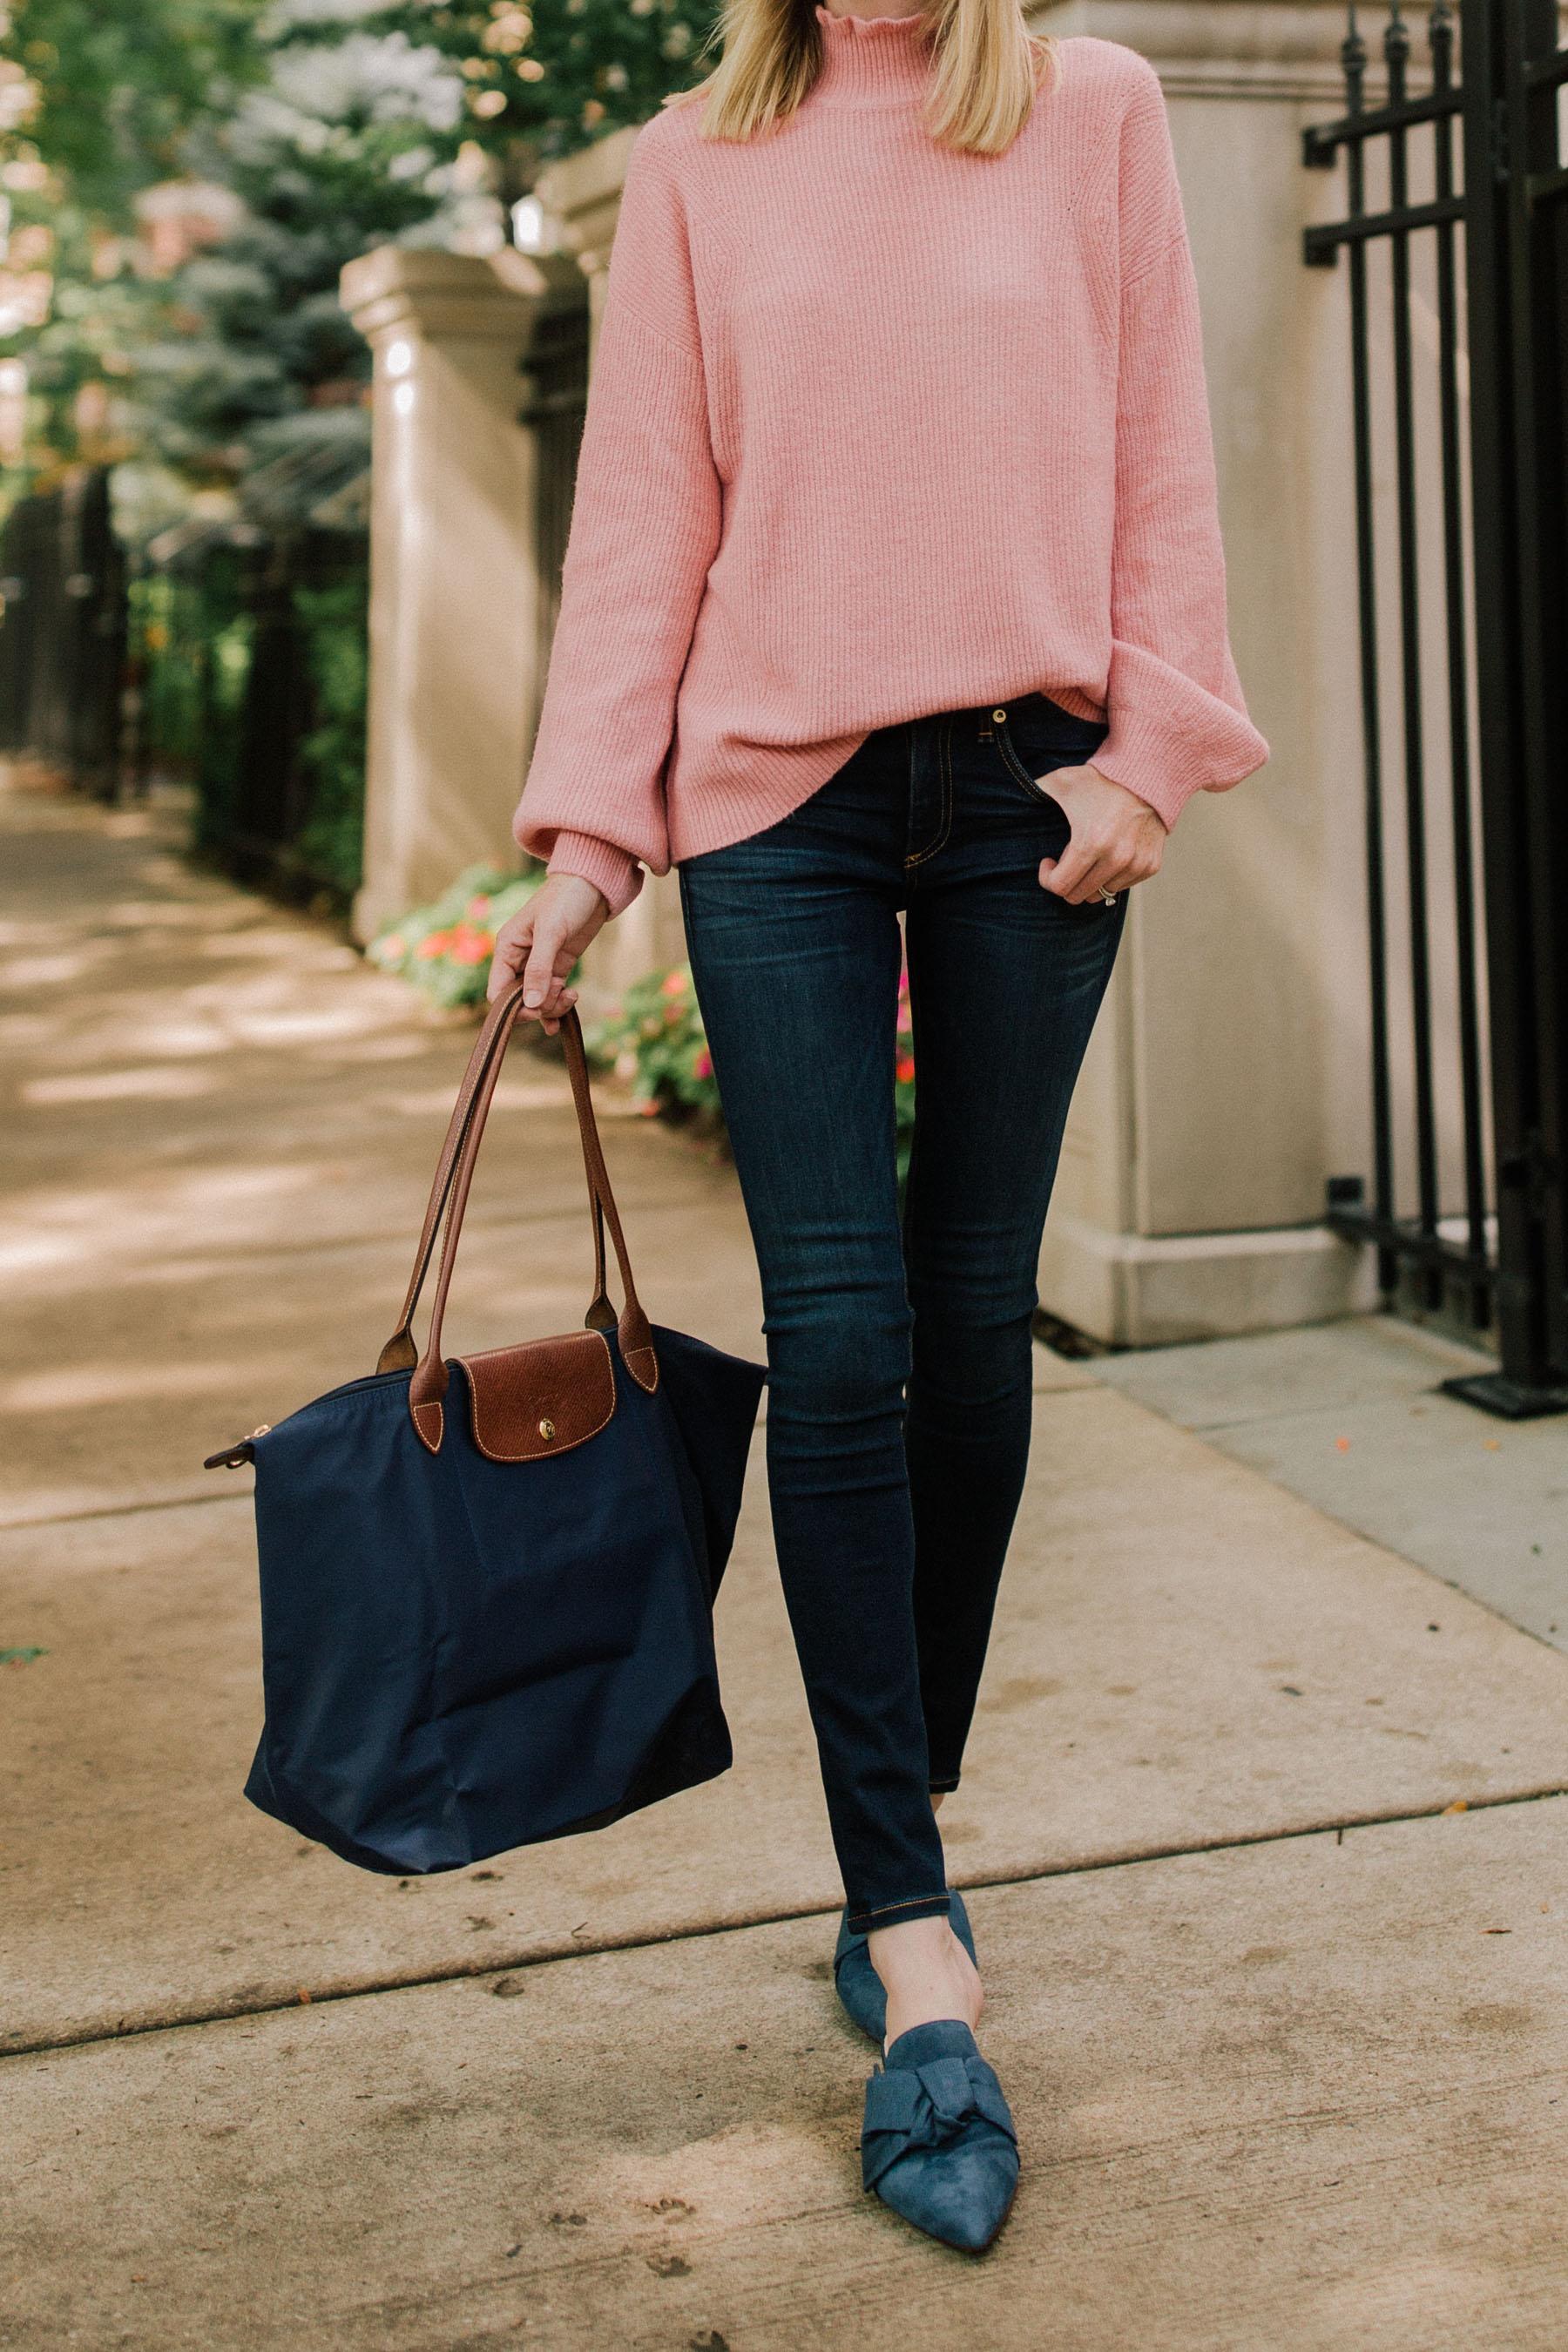 Navy Bow Slides / Halogen Ruffled Sweater /Rag & Bone Skinny Jeans / Longchamp Tote /Monica Vinader Bracelet